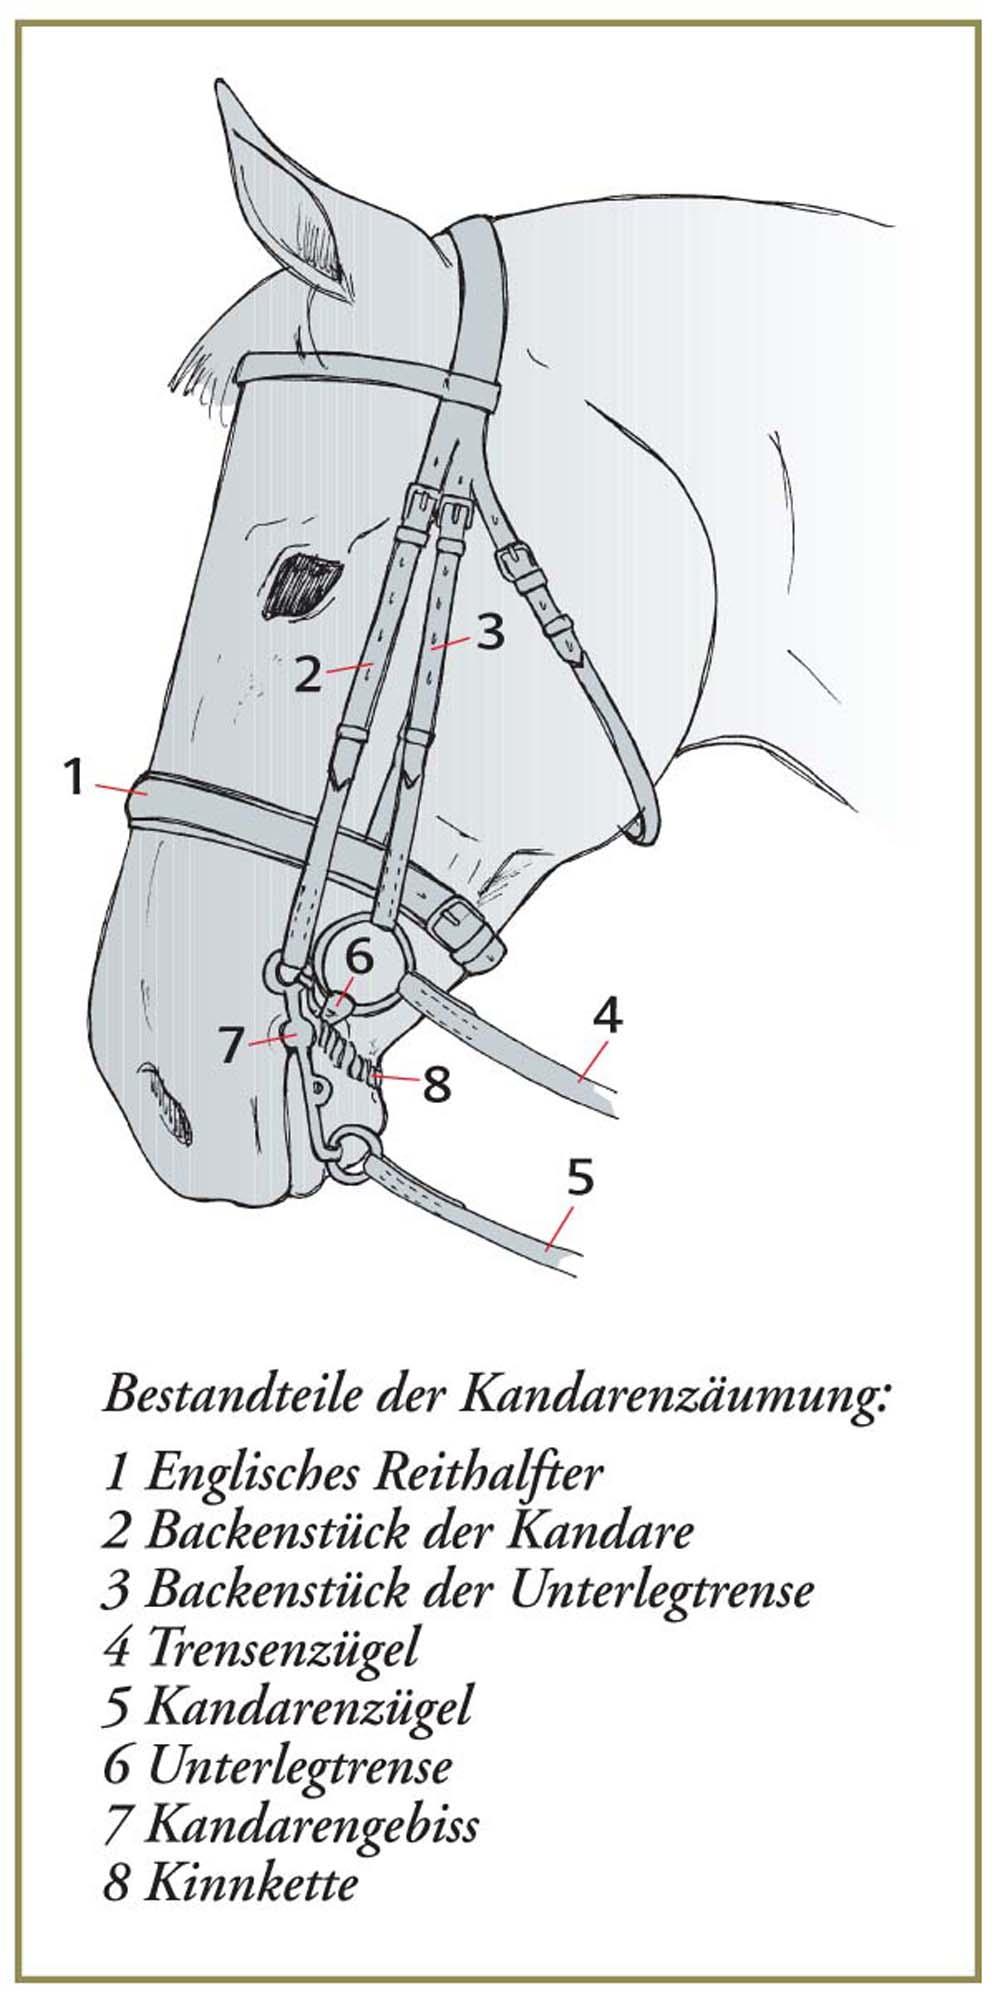 Die korrekt verschnallte Kandare, wie sie die Richtlinien für Reiten und Fahren, Band 1, empfehlen.